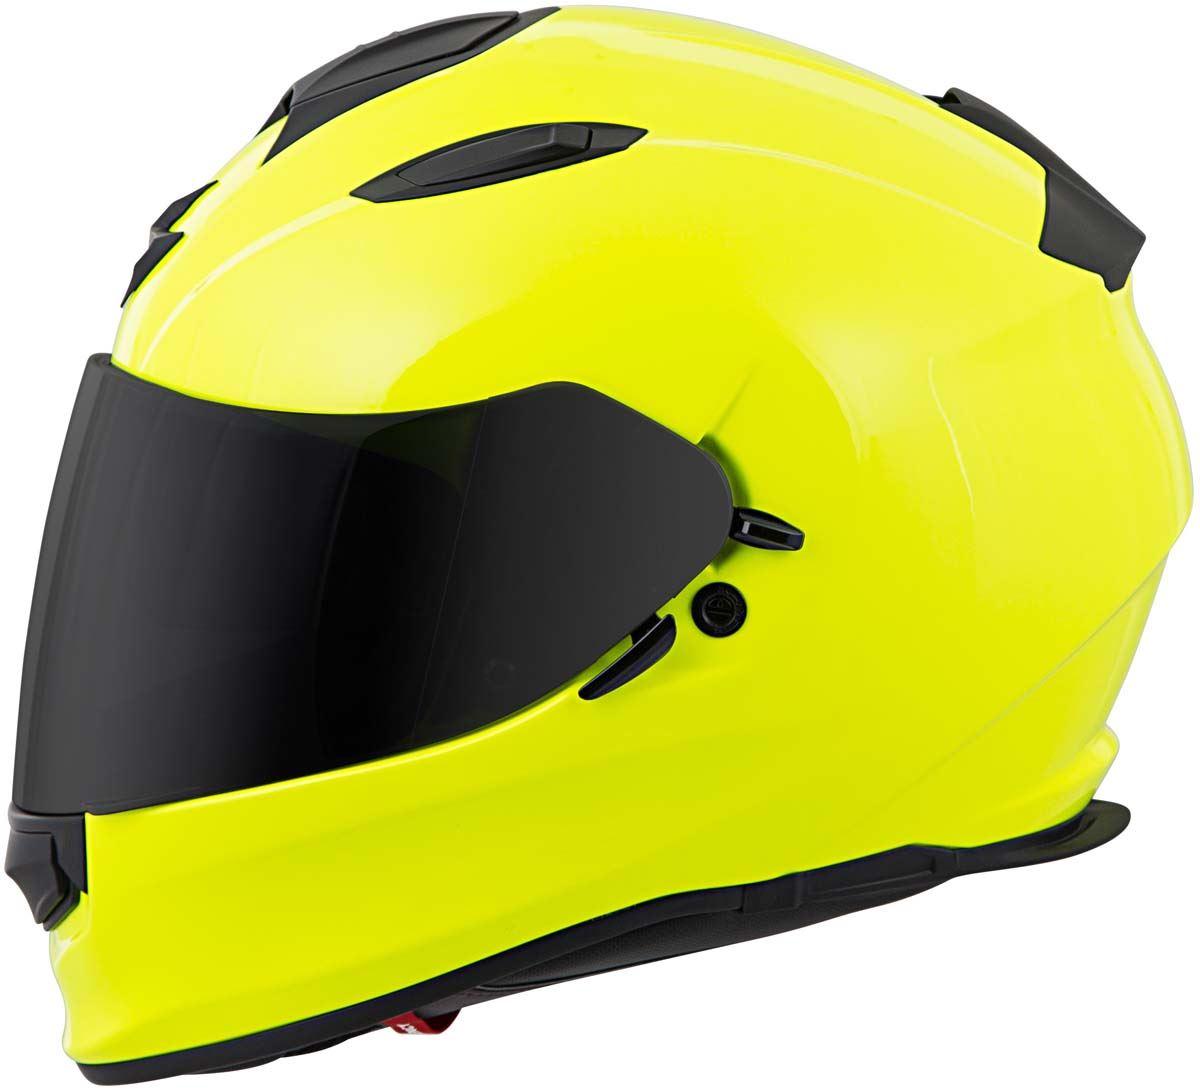 Scorpion-EXO-T510-Helmet-Full-Face-DOT-Approved-Inner-Sun-Shield miniature 17